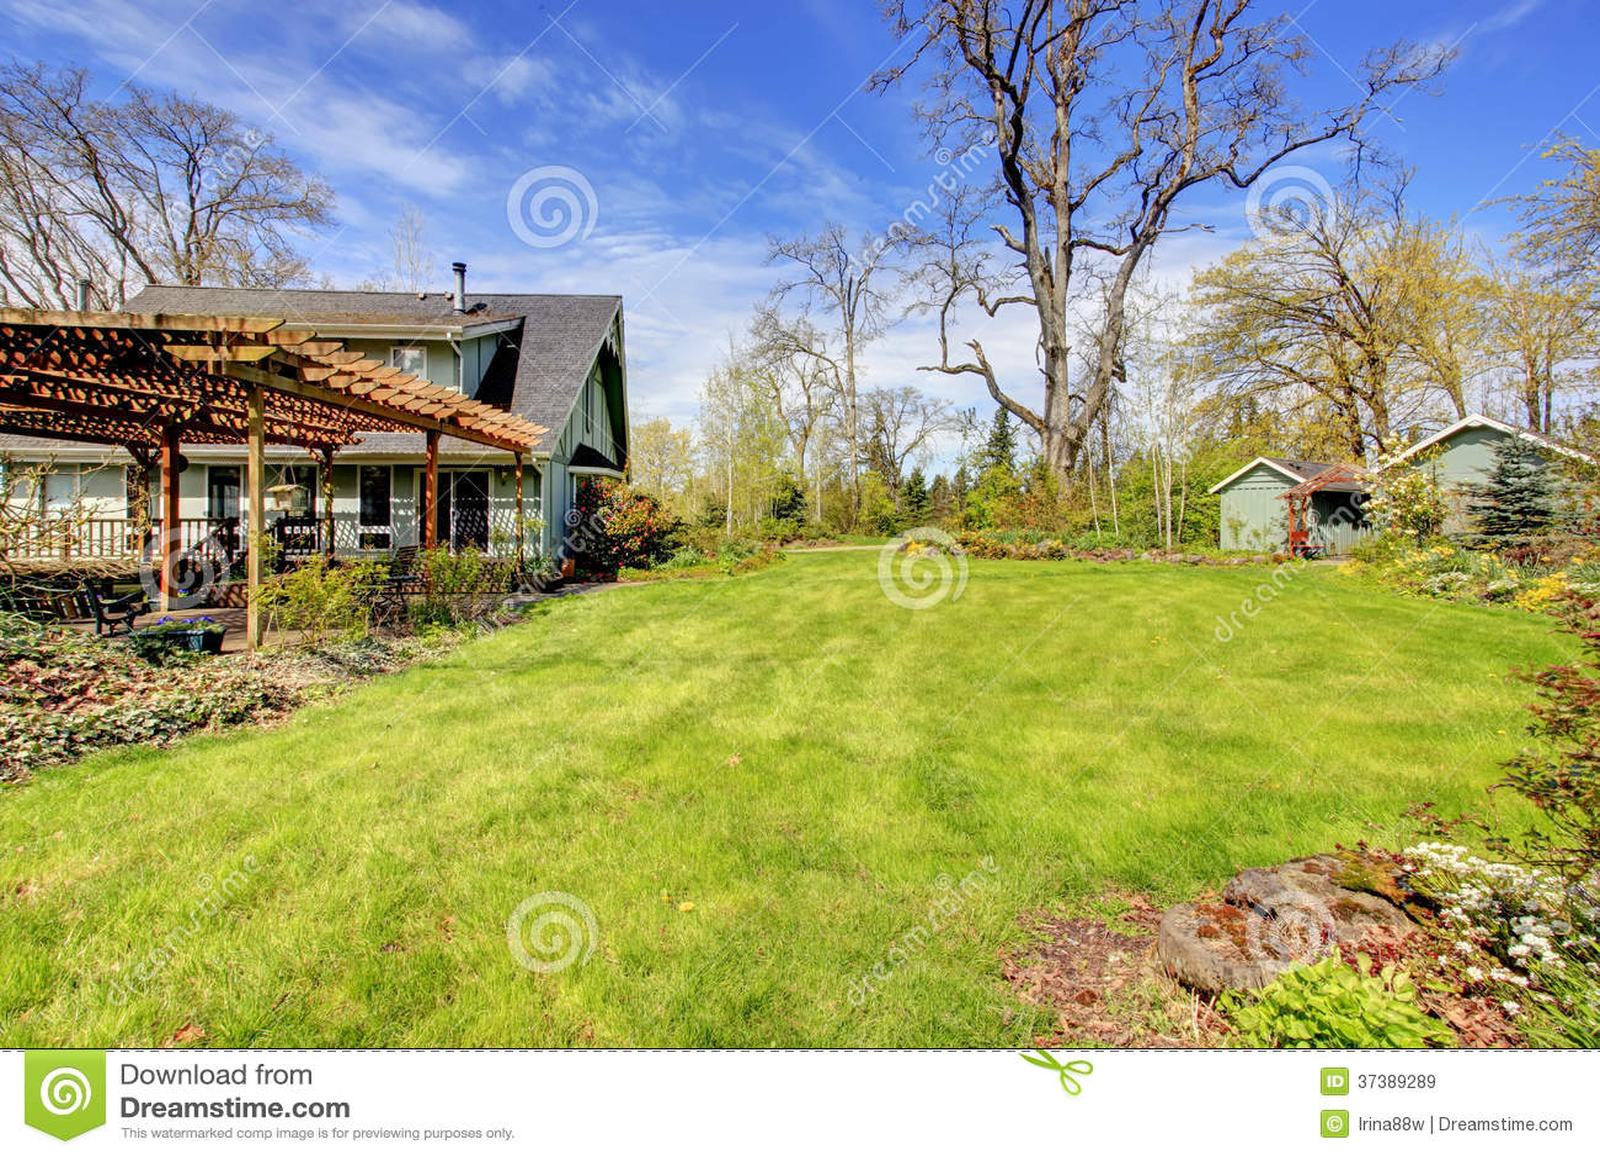 Mooie boerderij met pergola in bijlage en houten loodsen stock